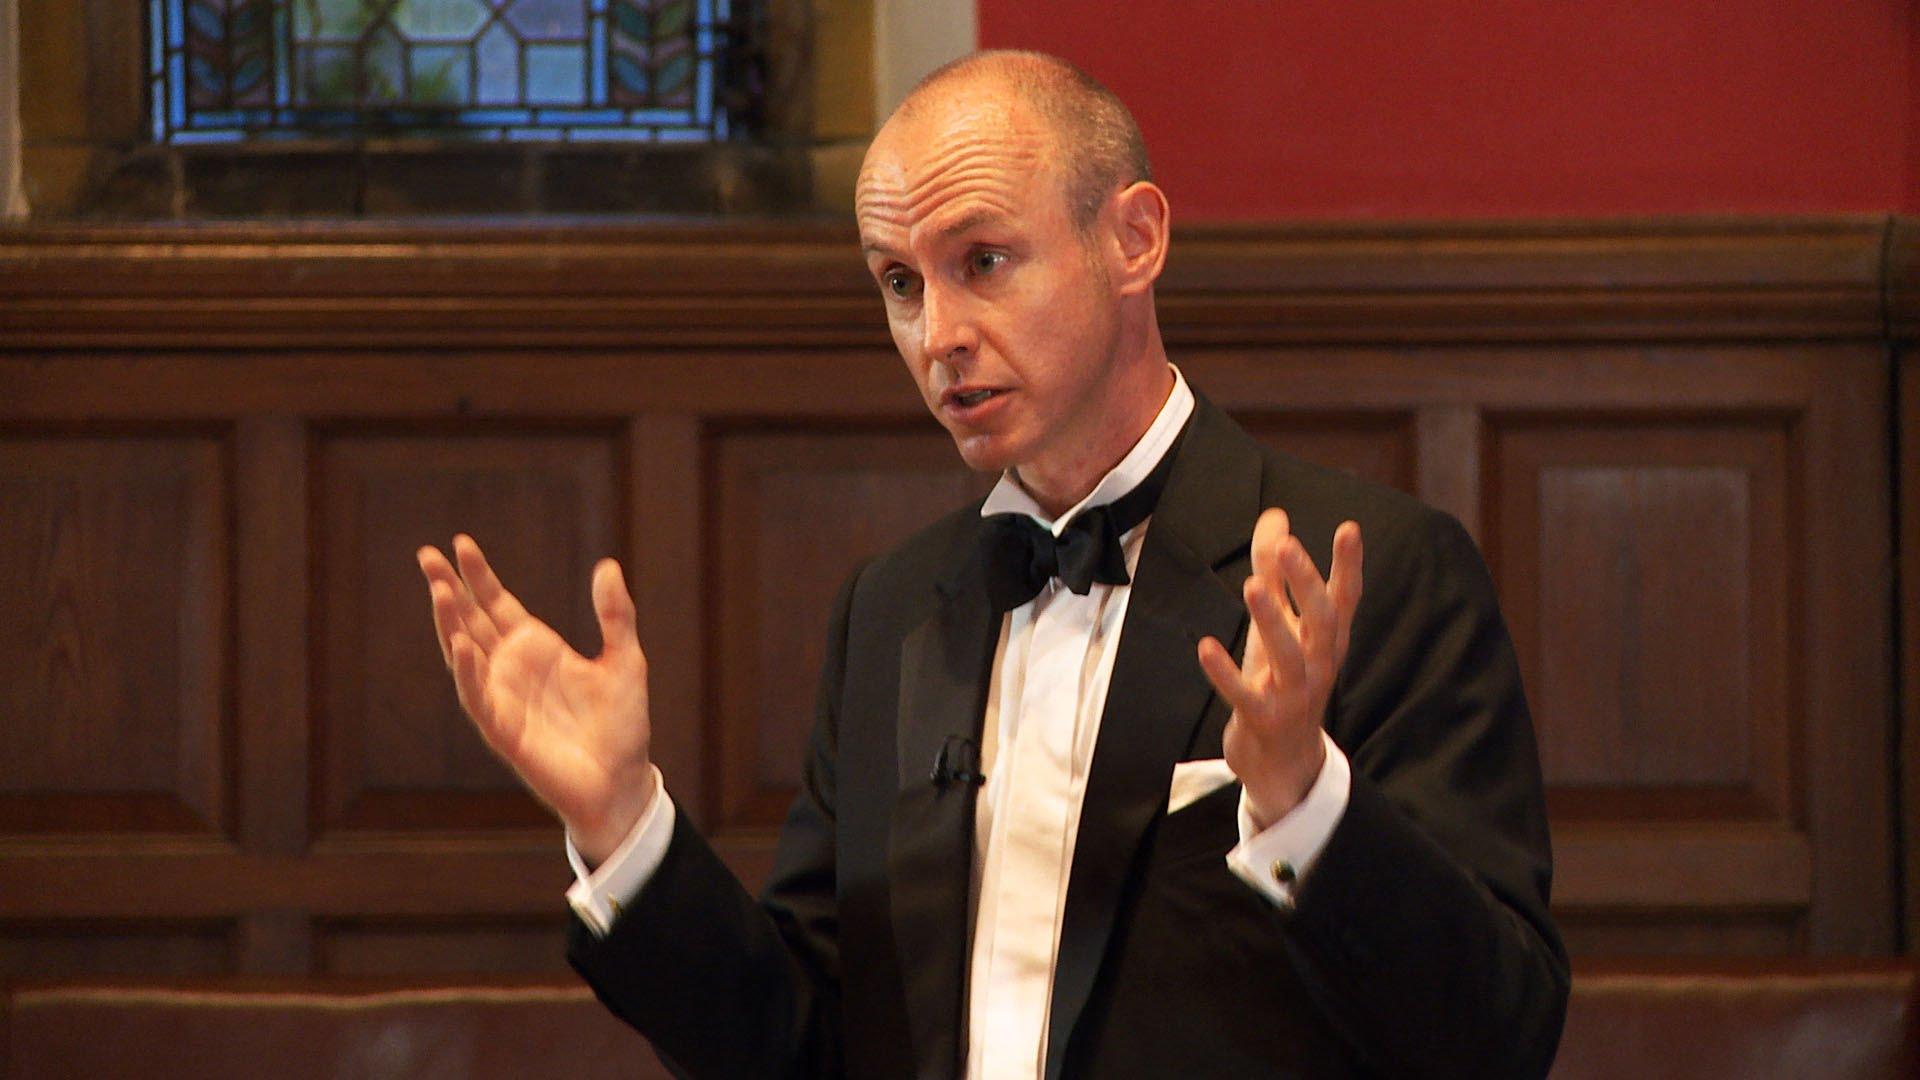 Daniel Hannan, wanker